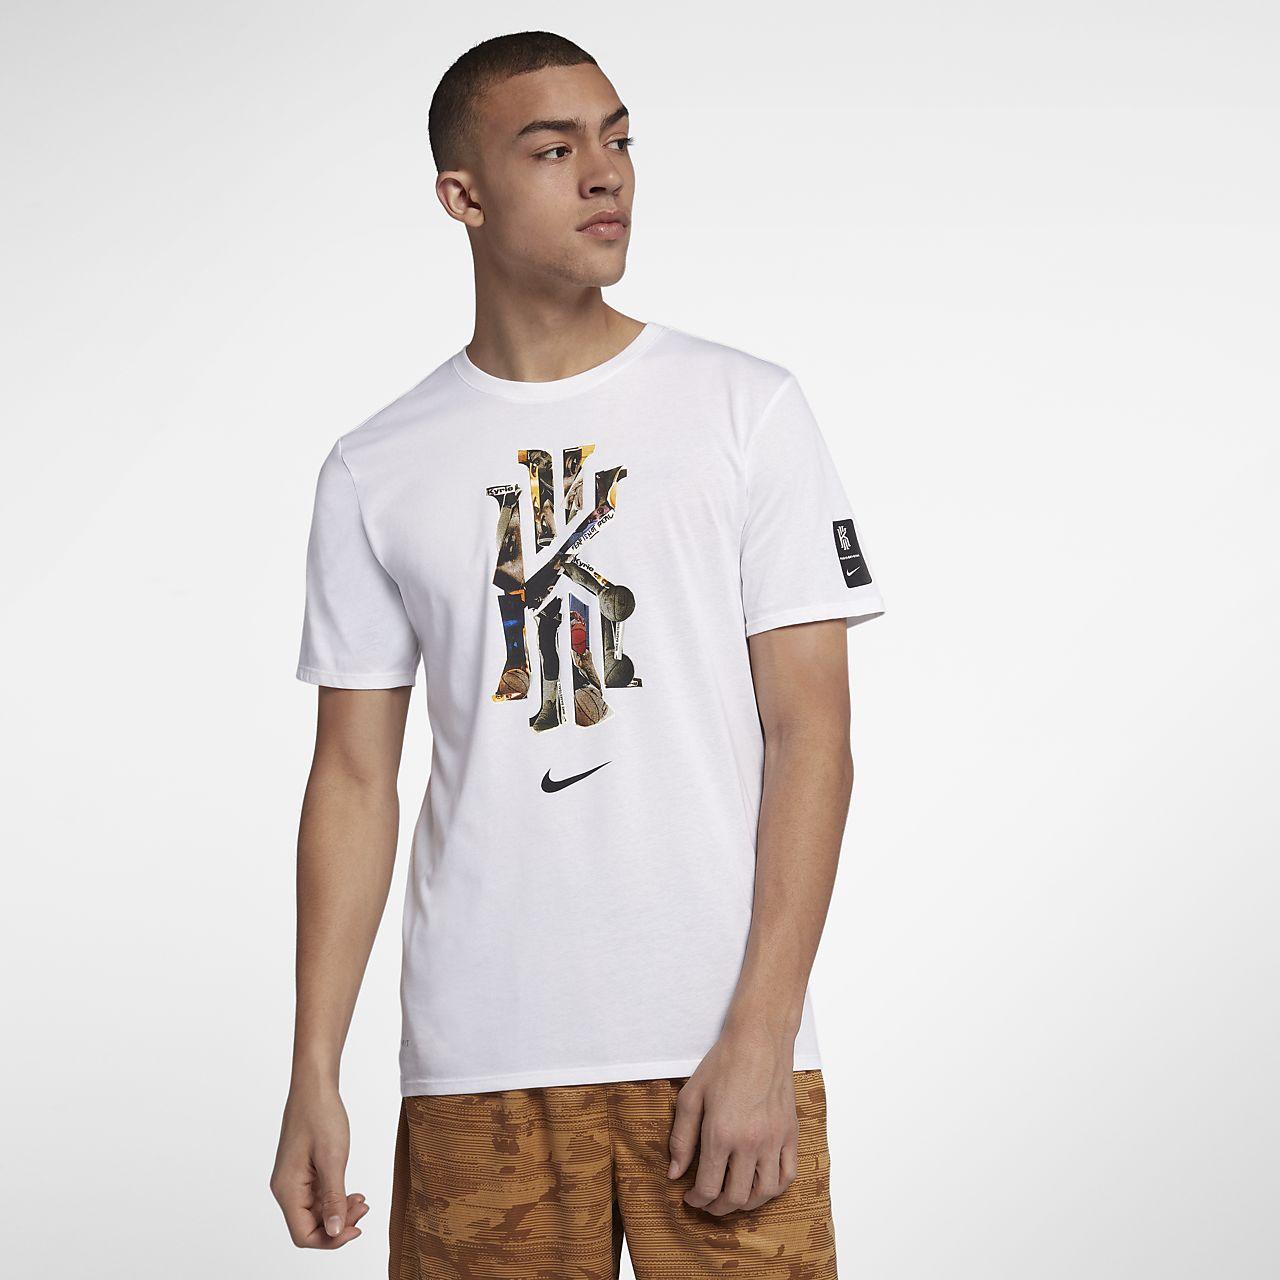 e1b6907d Nike Dri-FIT Kyrie CNY Men's Basketball T-Shirt. Nike.com PT